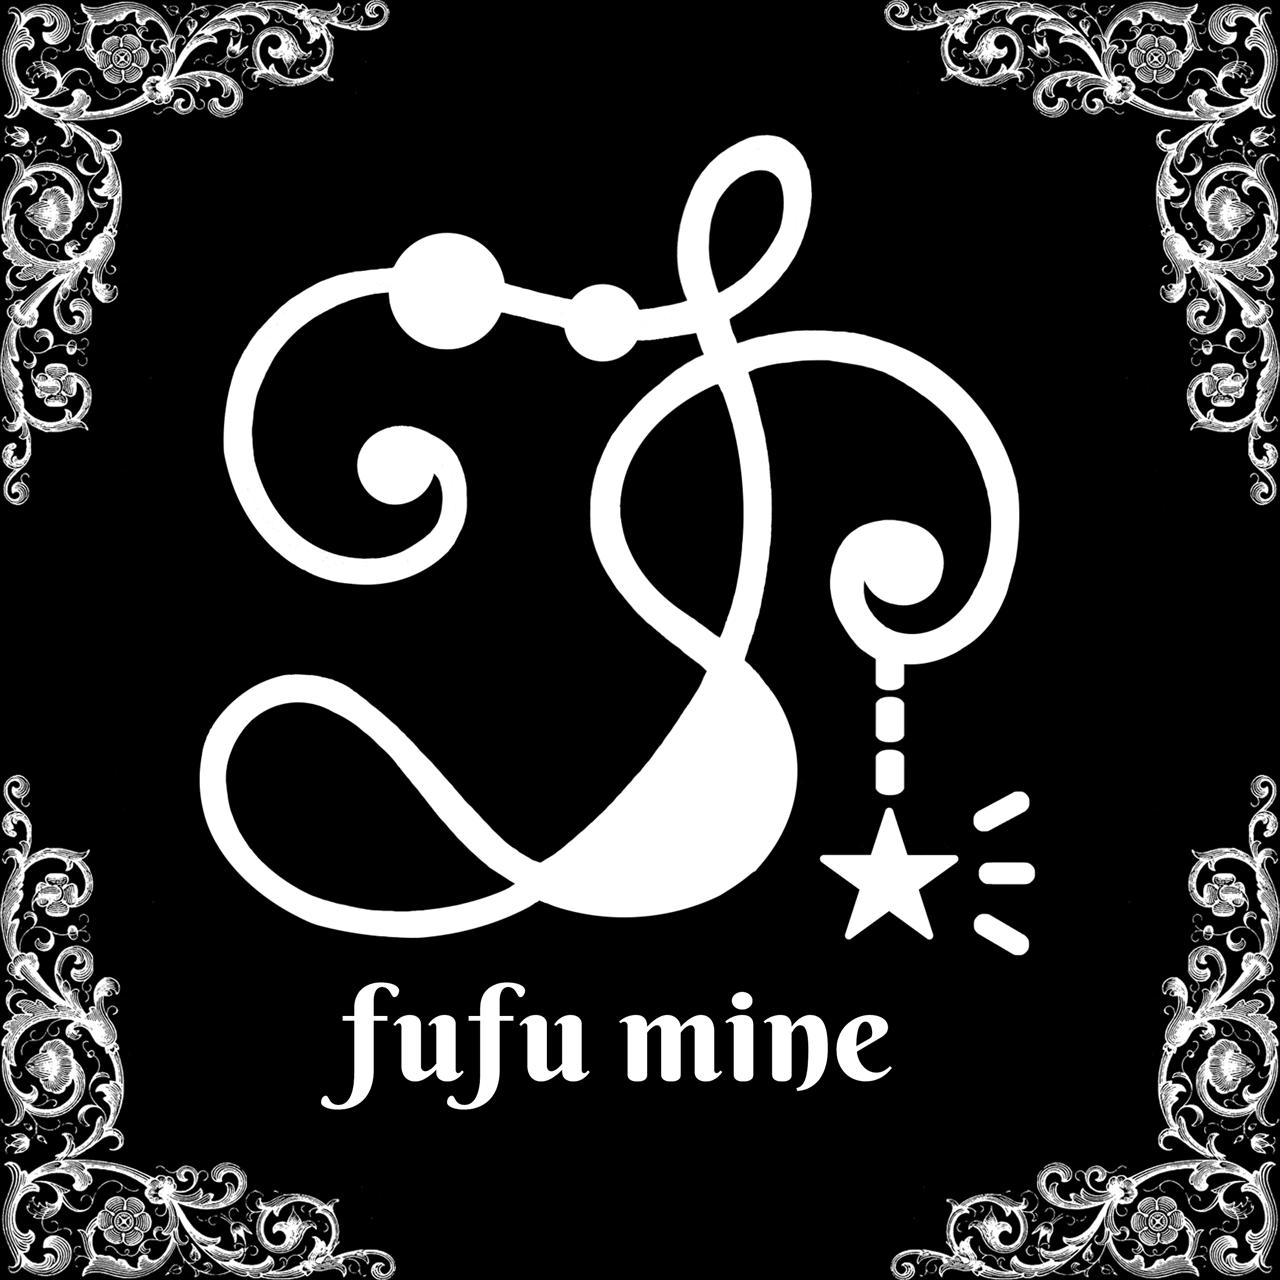 fufu mine - フフマイン